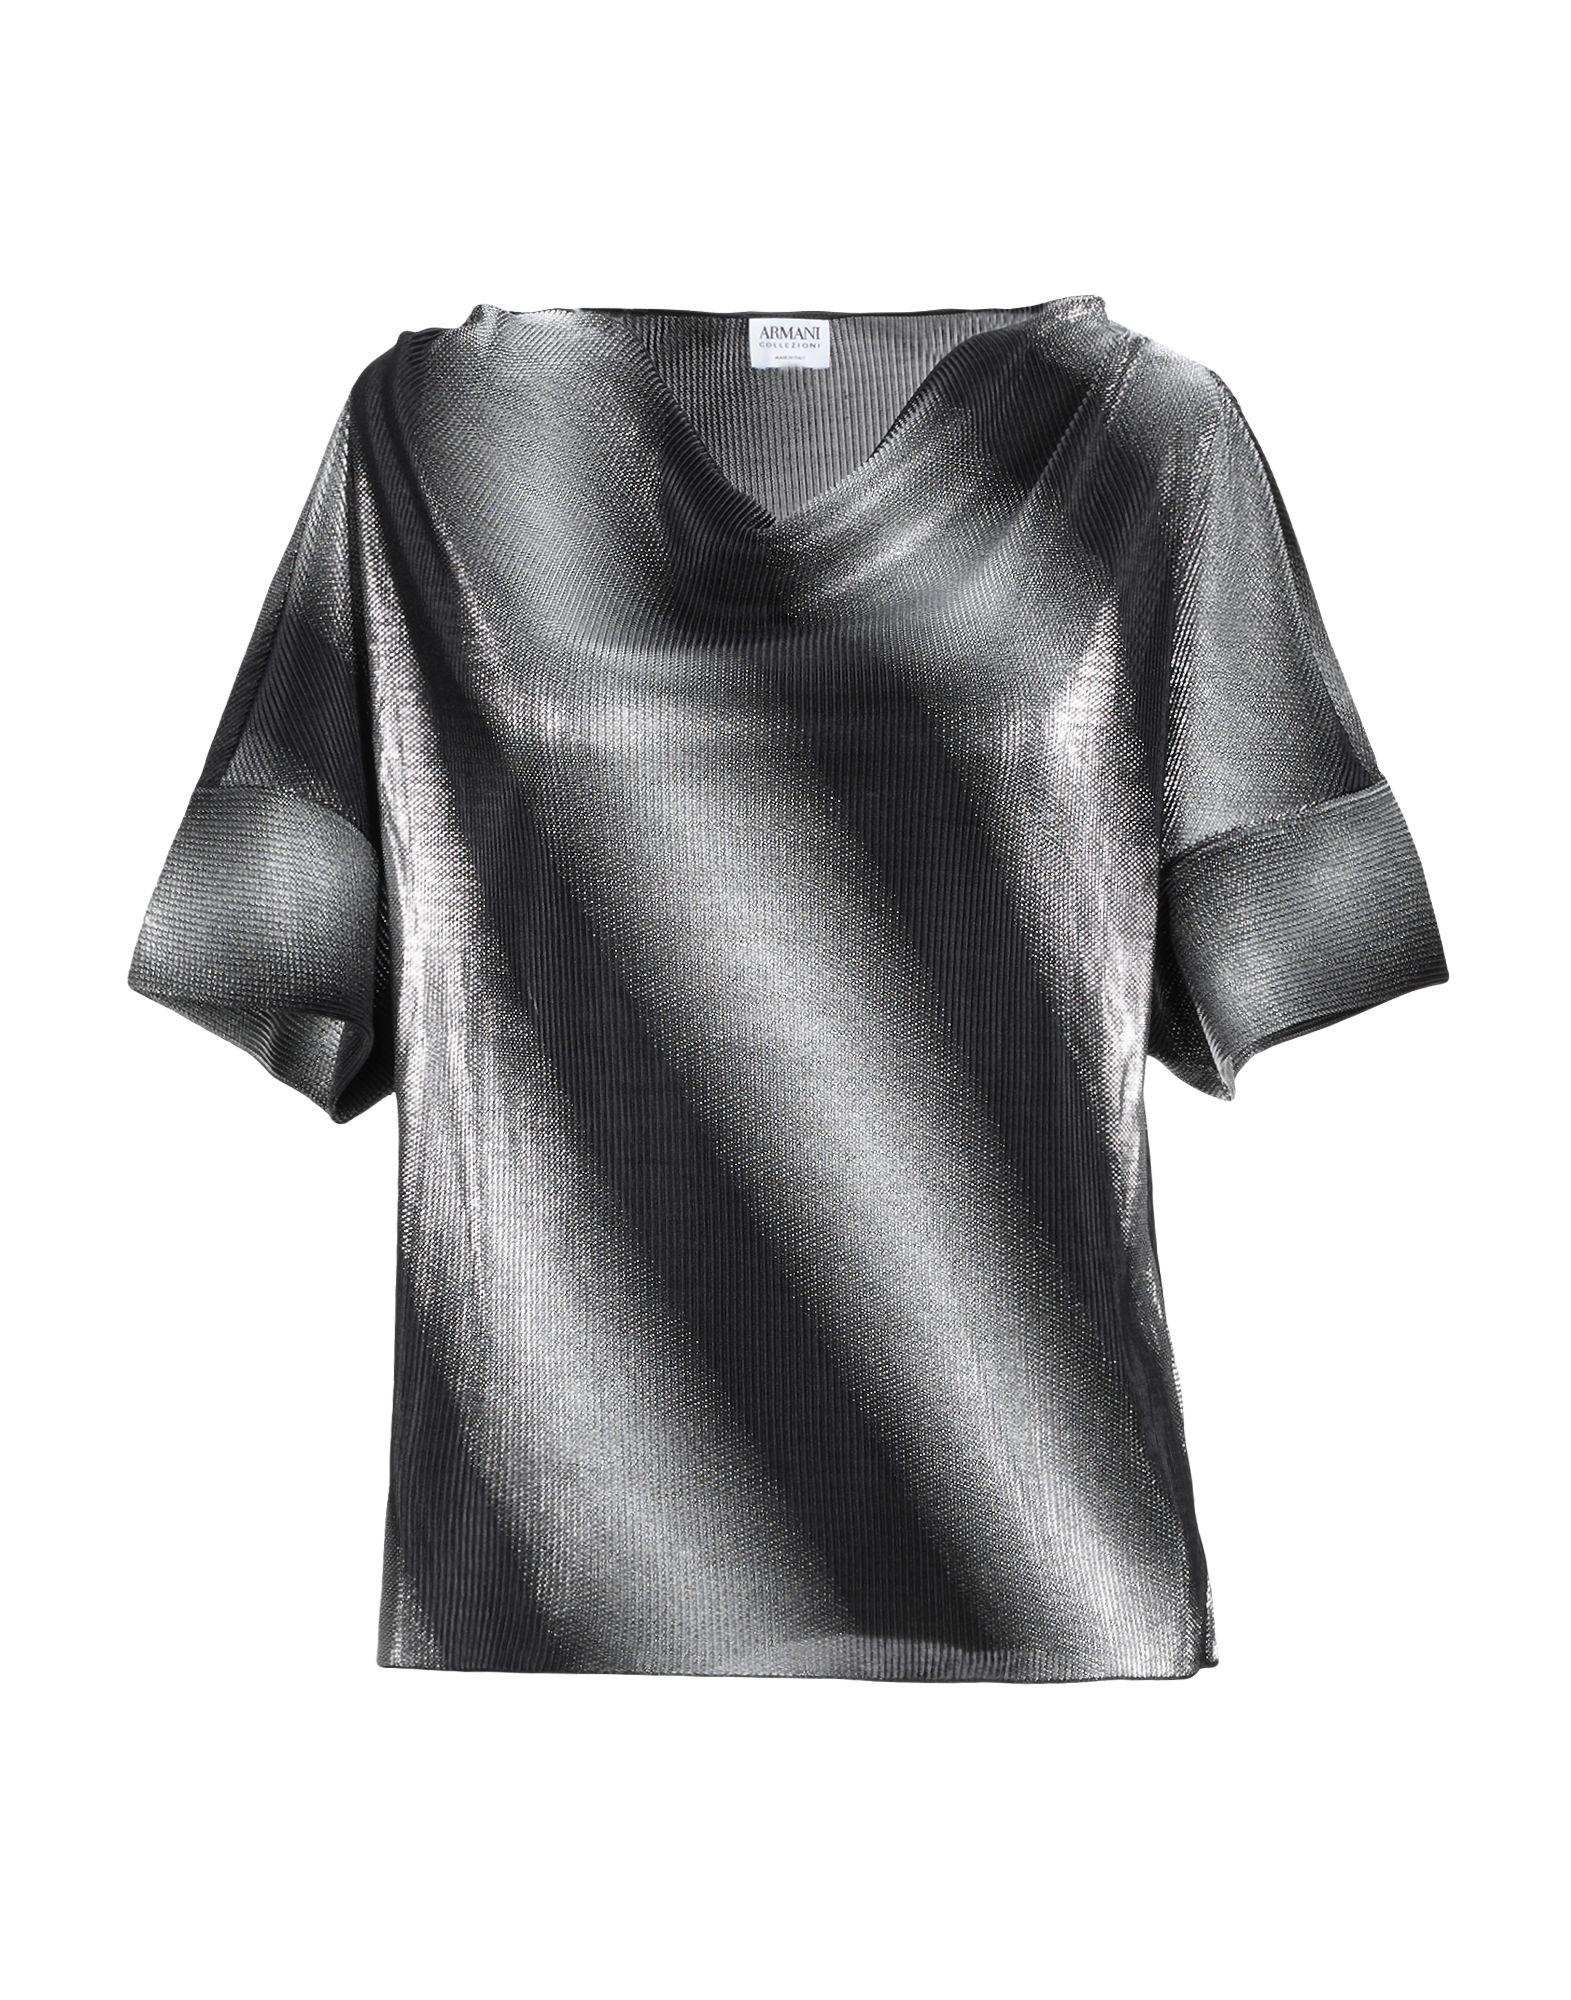 Фото - ARMANI COLLEZIONI Футболка футболка женская armani collezioni цвет черный mmm16j mmzkj 999 размер 42 44